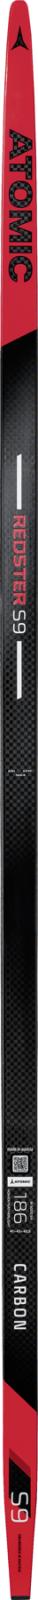 Atomic Redster S9 Carbon Plus Medium/Hard